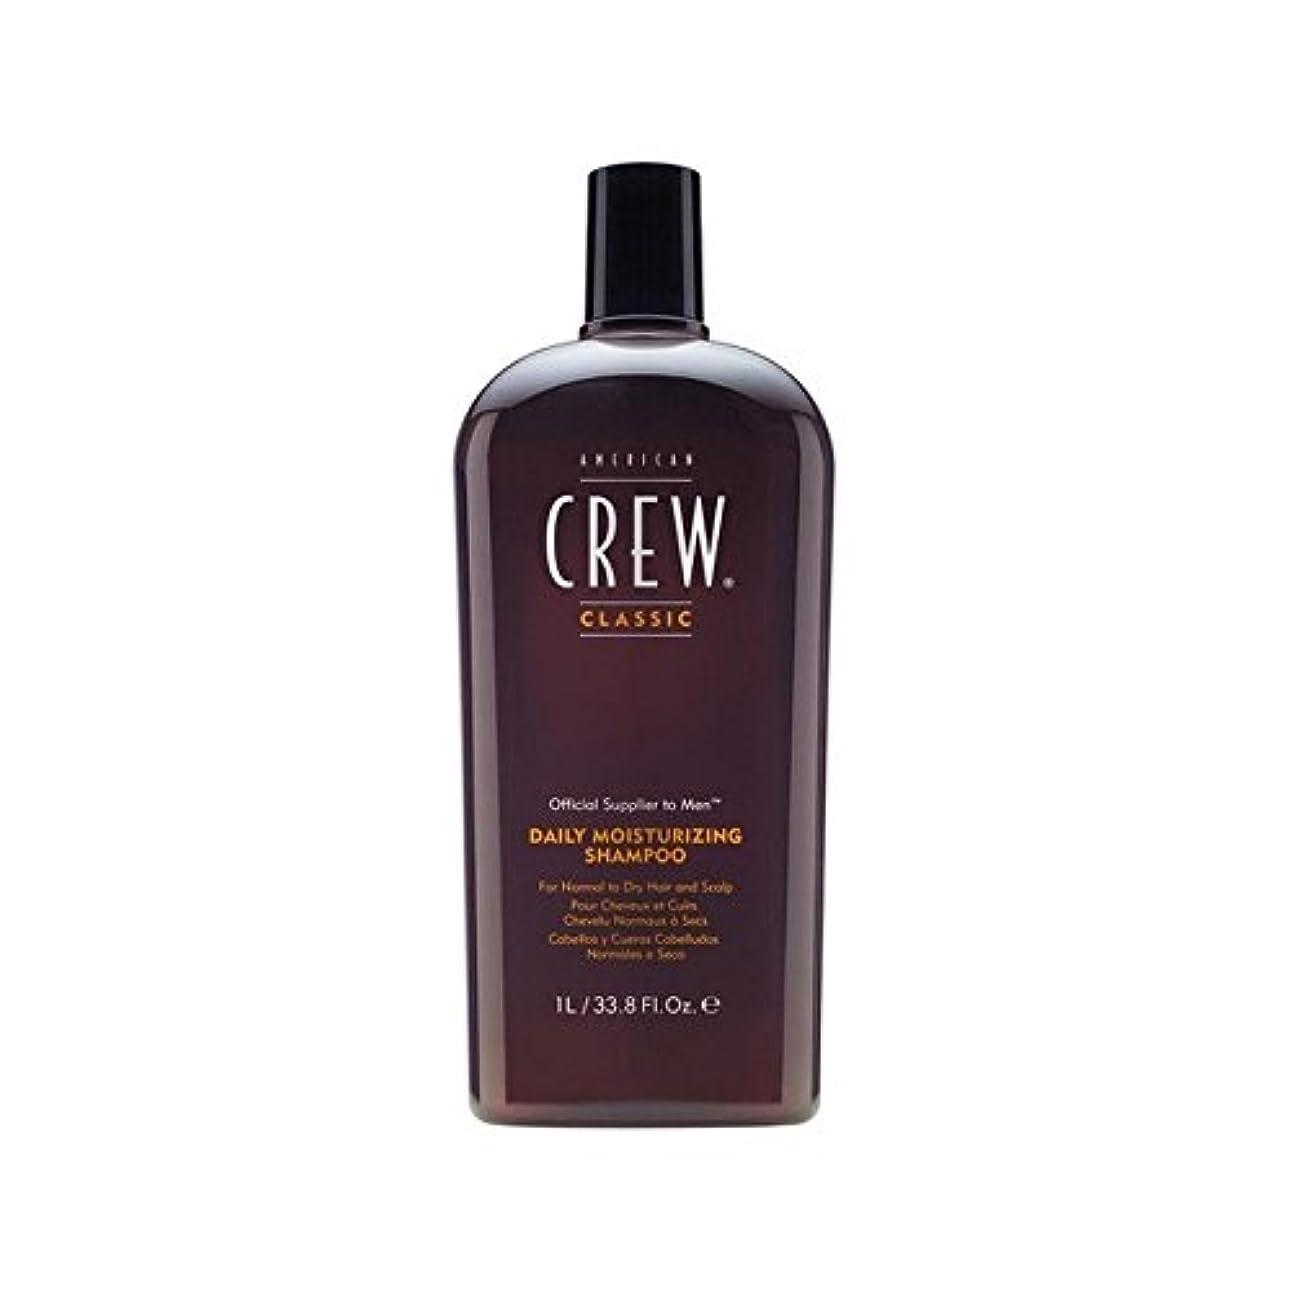 若者クラシカル母アメリカの乗組員の毎日の水分シャンプー(千ミリリットル) x2 - American Crew Daily Moisture Shampoo (1000ml) (Pack of 2) [並行輸入品]